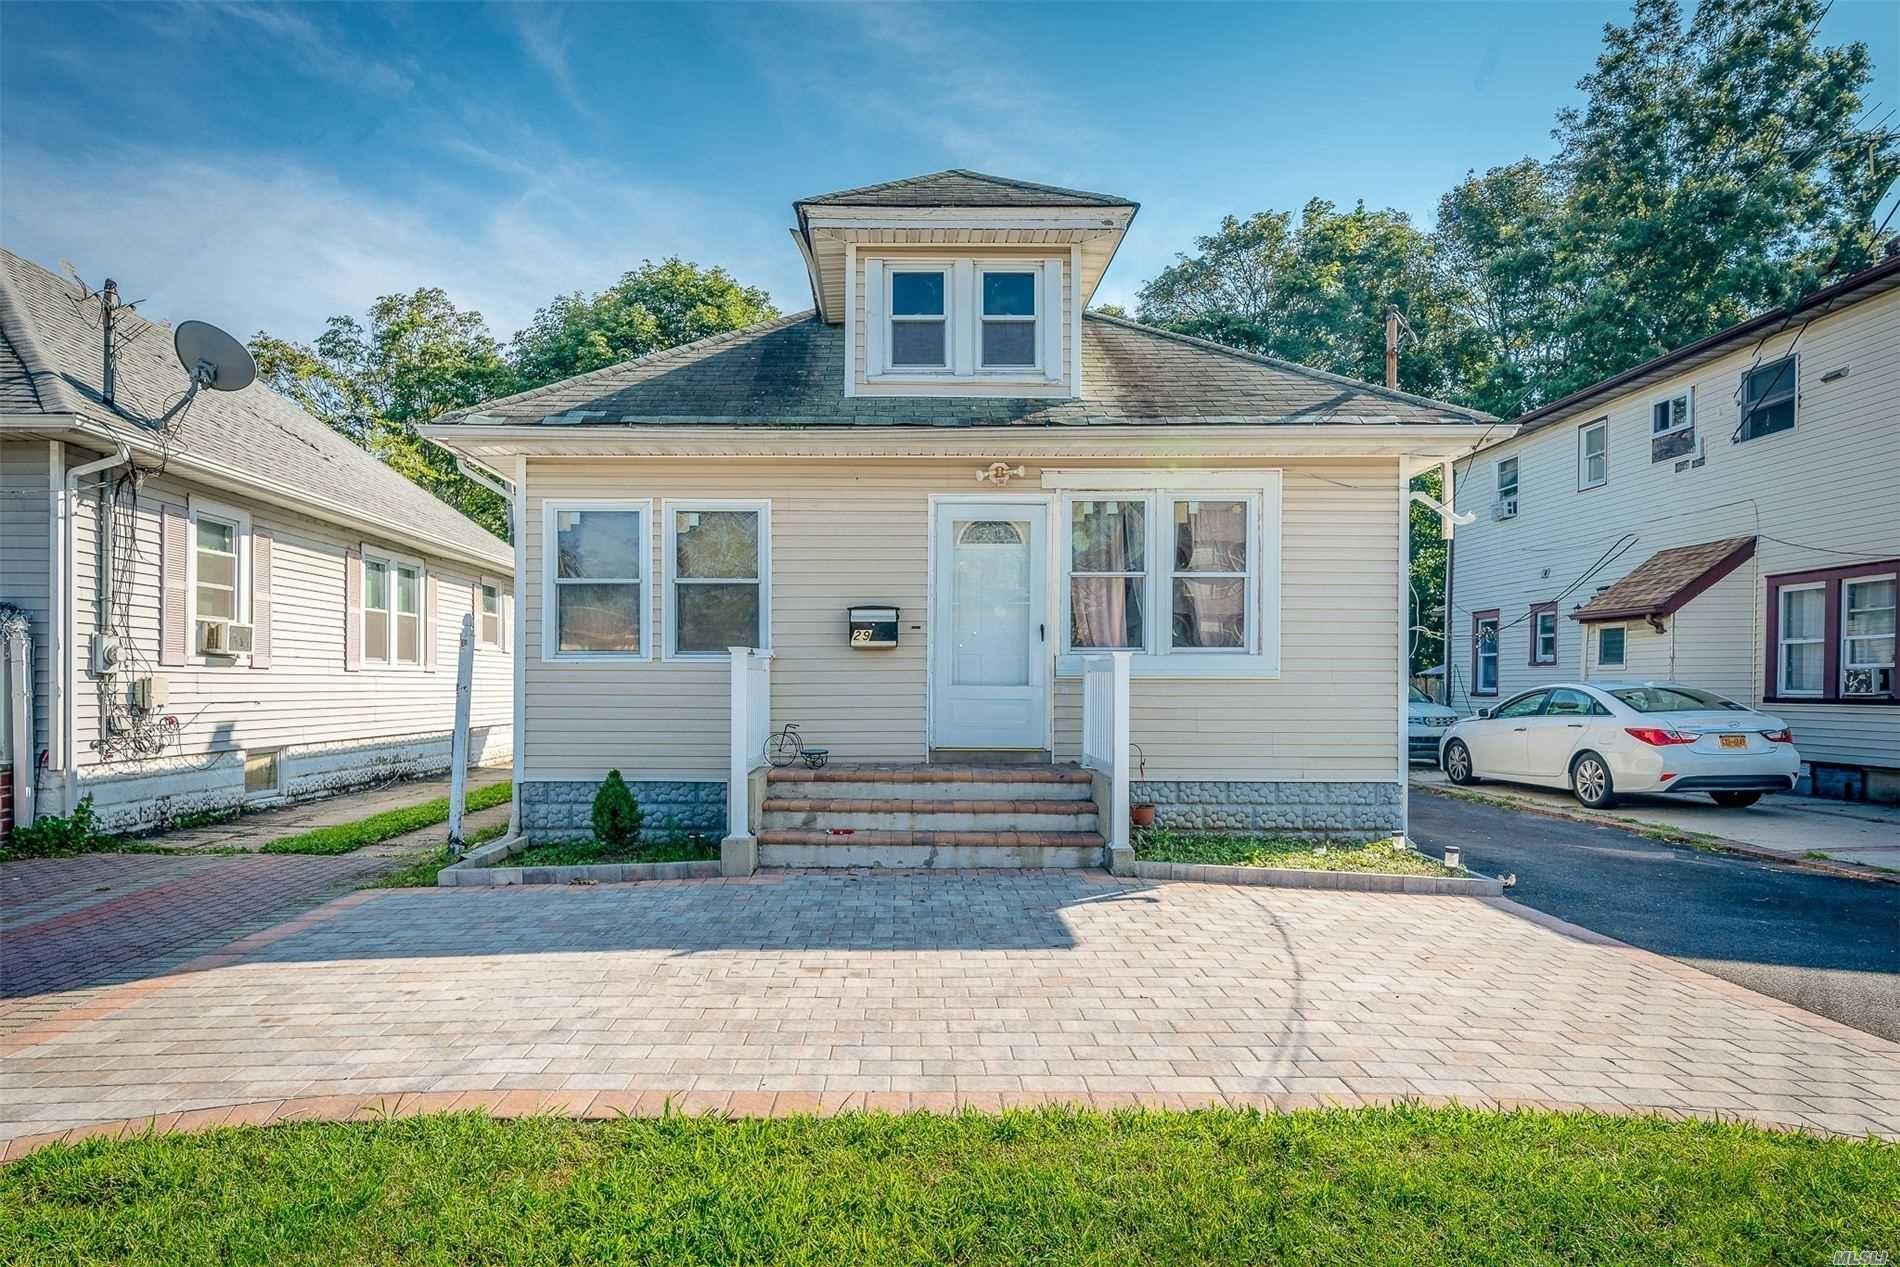 29 Maple Place, Amityville, NY 11701 - MLS#: 3246152